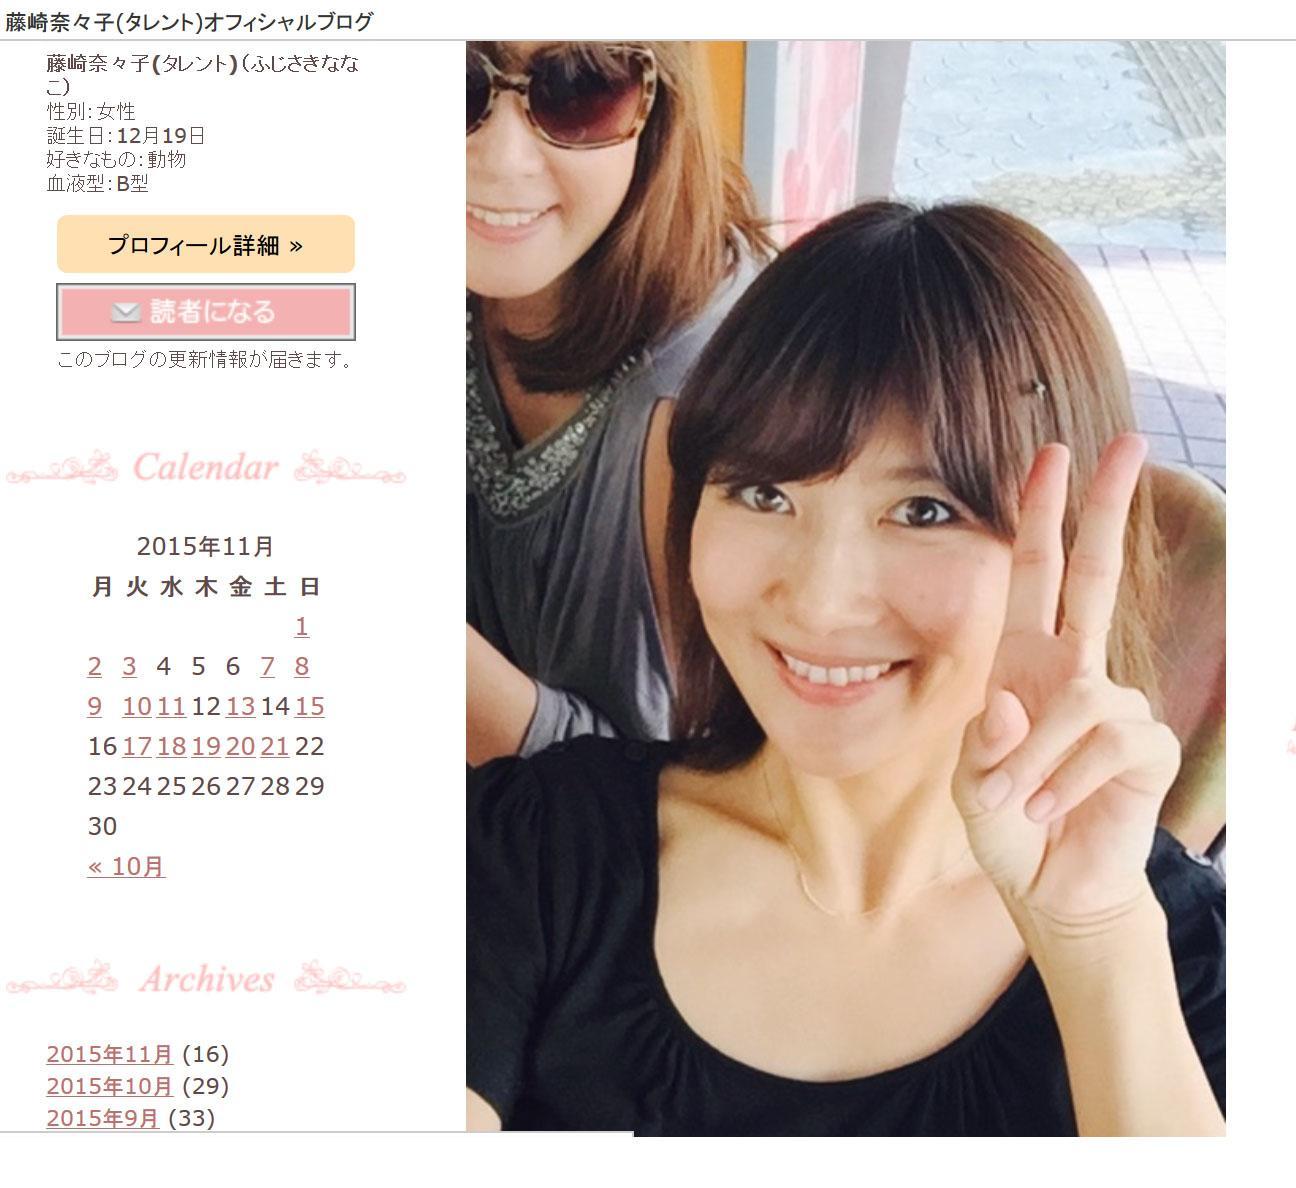 藤崎奈々子 頭にハエが止まる写真公開「臭いの?私」